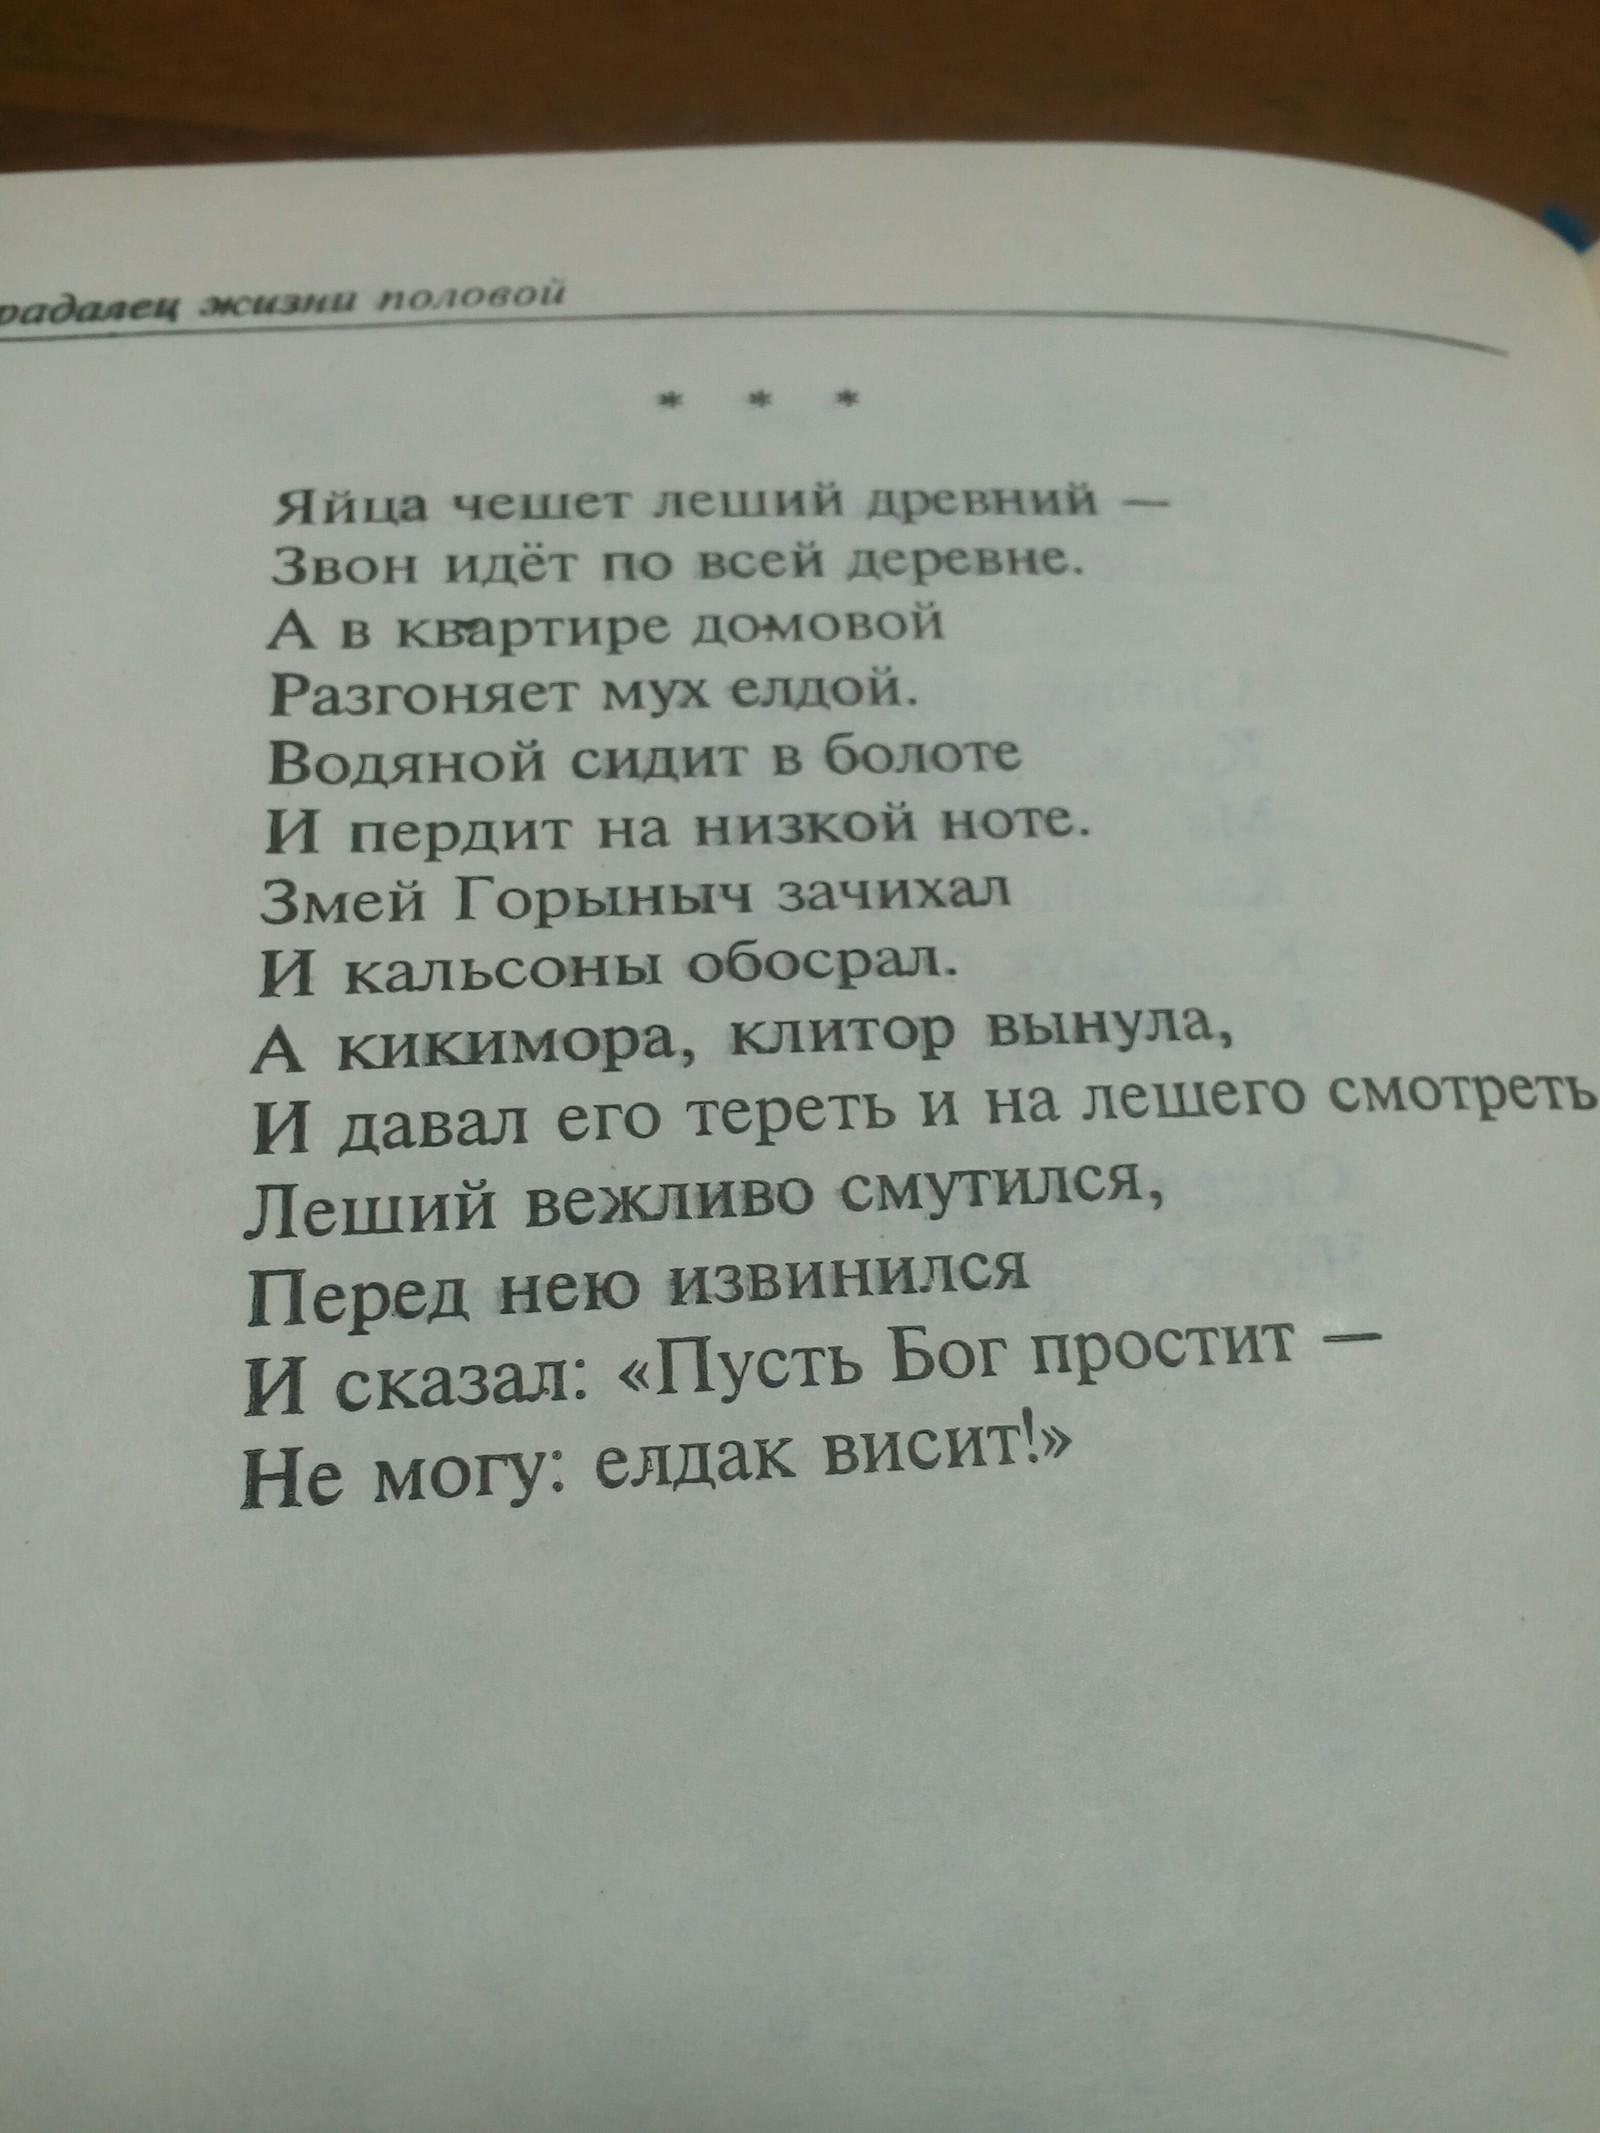 pochemu-u-menya-bolshoy-klitor-kak-indyushki-smotret-video-podsmatrivanie-v-plyazhnoy-kabinke